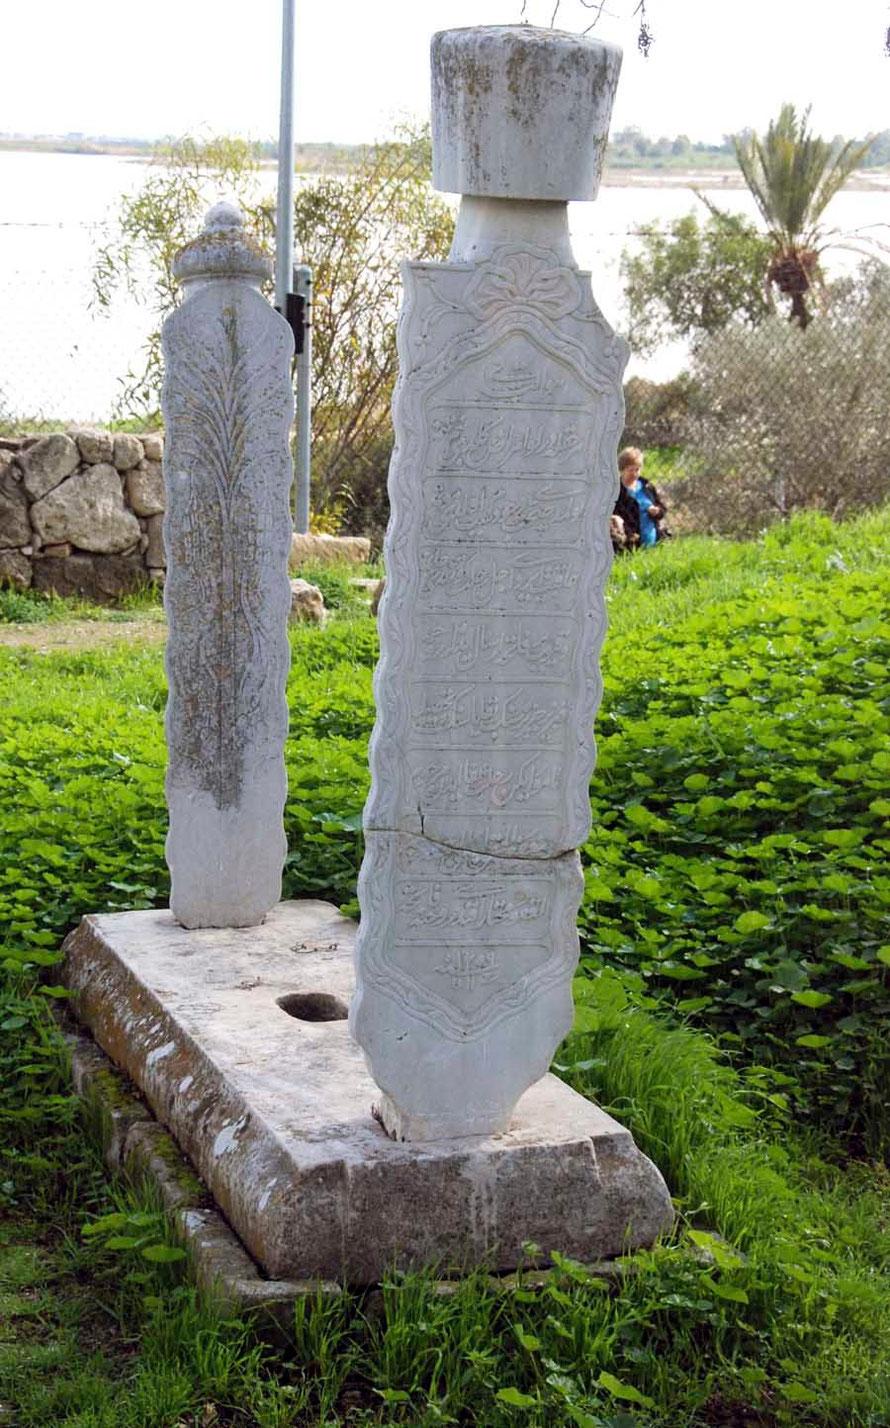 Funerary stele, Hala Sultan Tekke